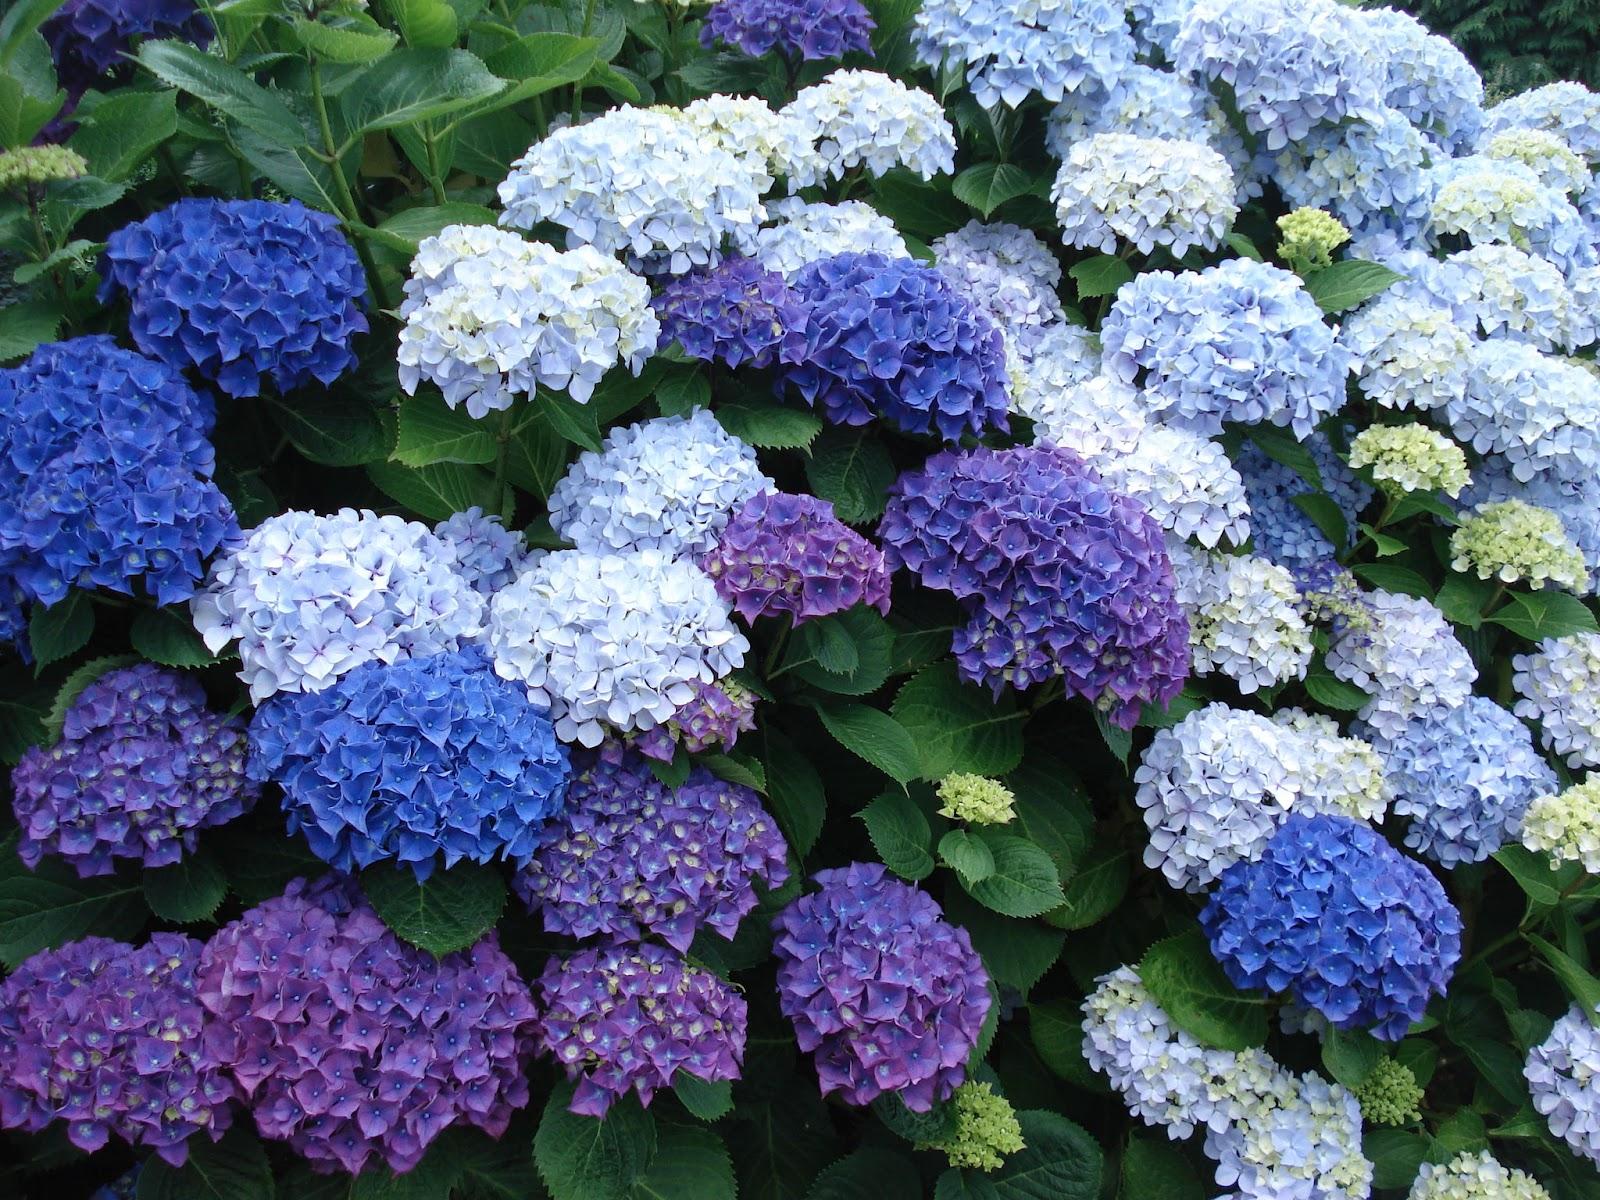 Hortensias flore de l le de la r union for Entretien jardin ile de la reunion